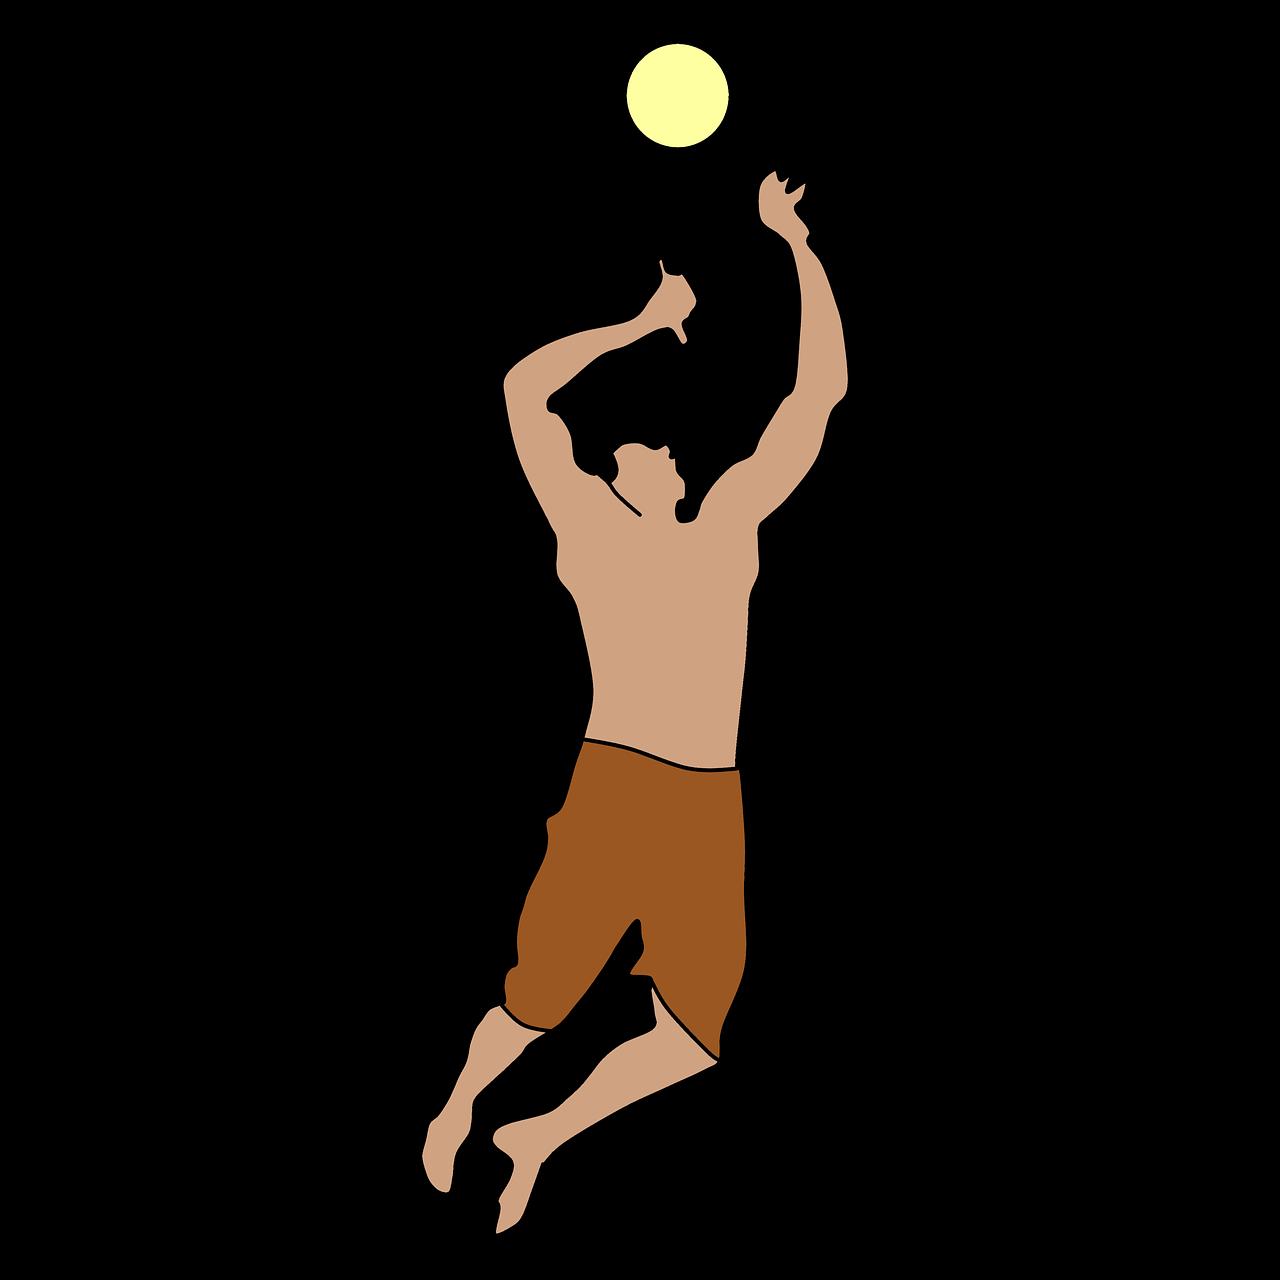 Vacation Volleyball Jumping Air Playing Vacation Volleyball Jumping Air Playing I Am Game Volleyball Air